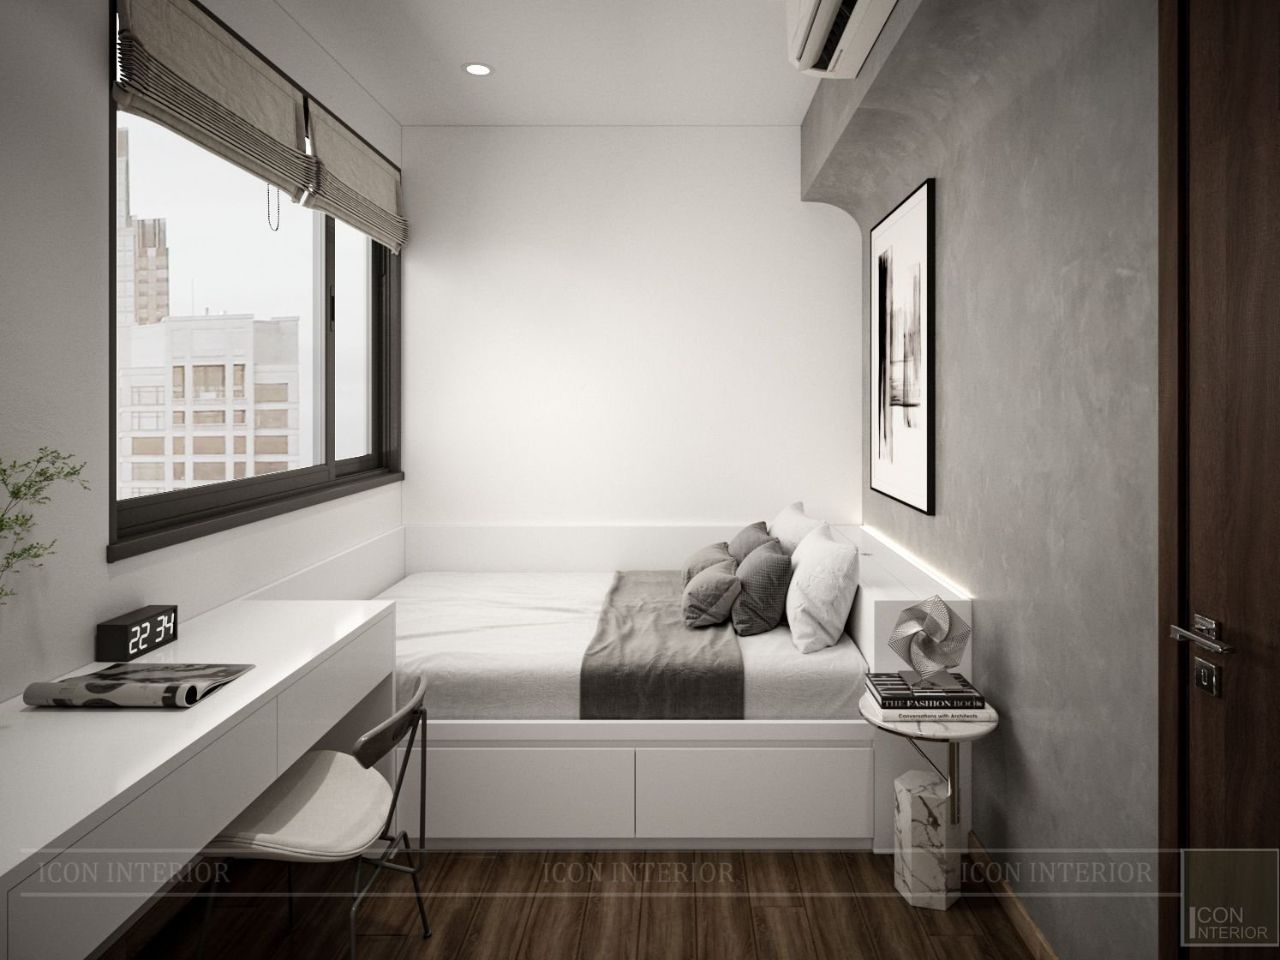 thiết kế thi công nội thất chung cư 75m2